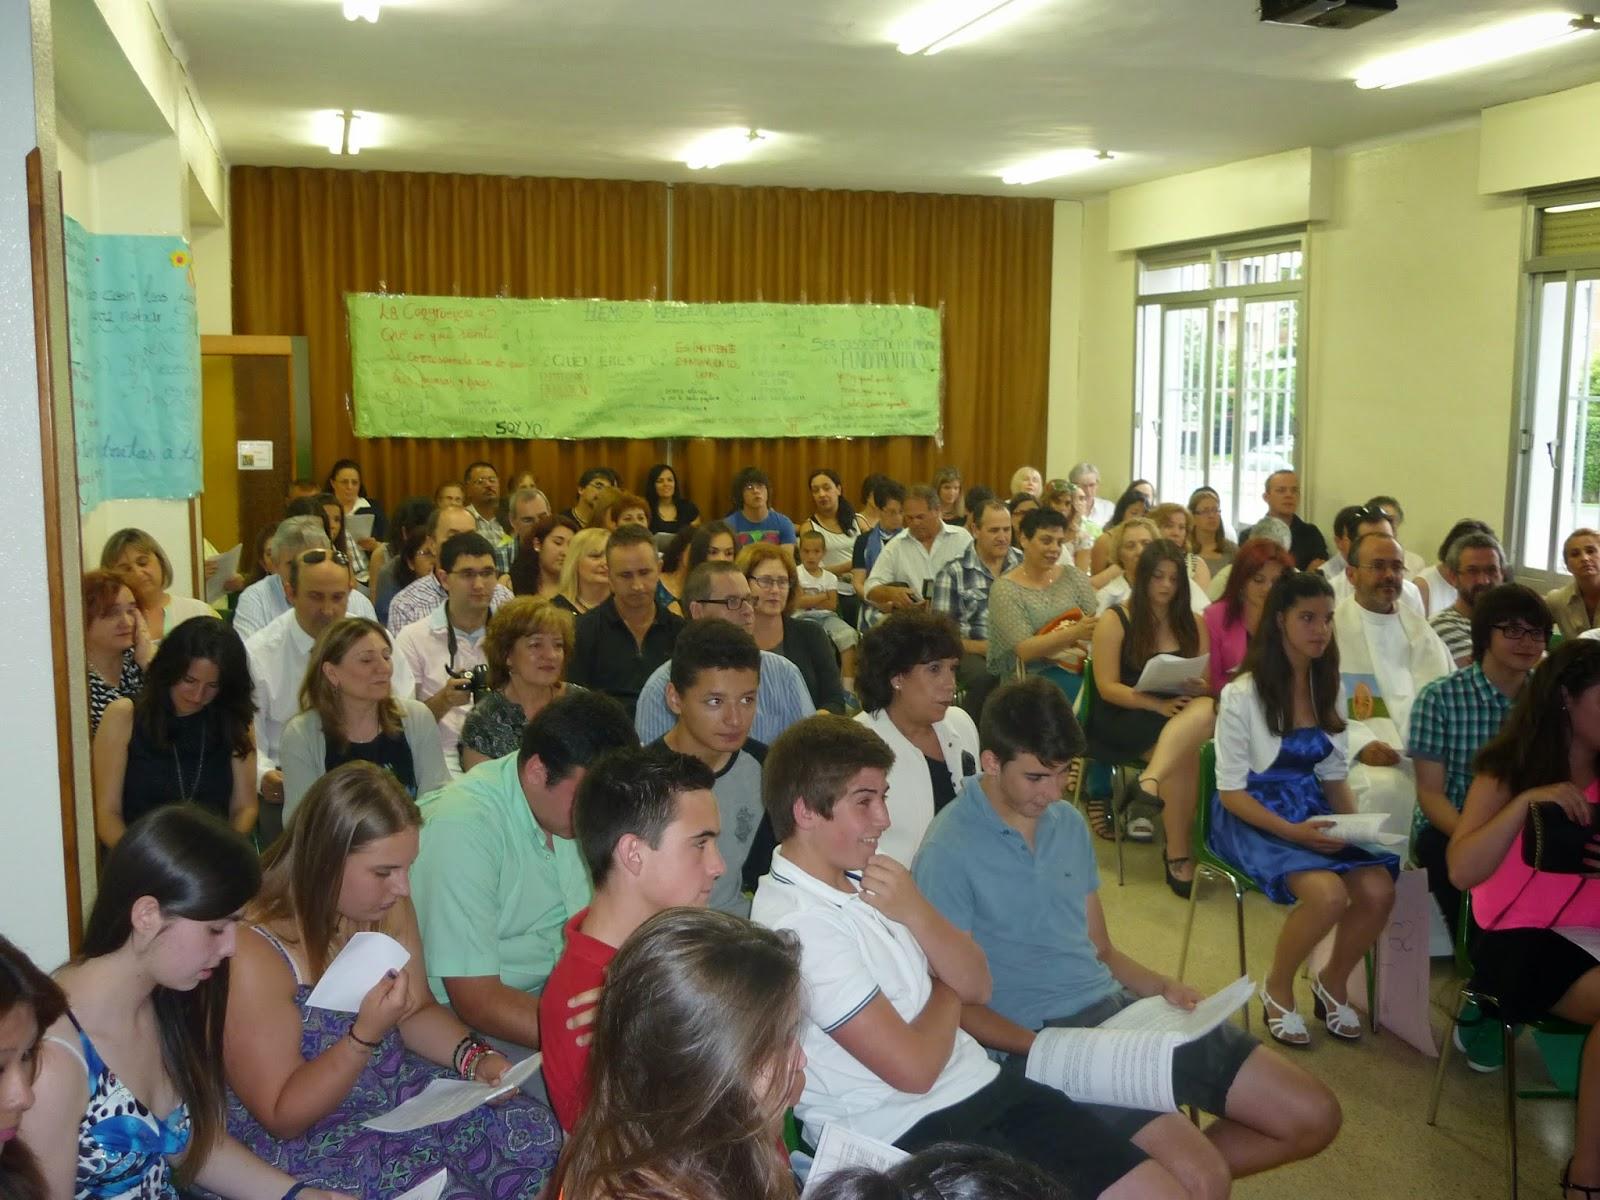 Colegio amor de dios burlada junio 2014 - Colegio amor de dios oviedo ...